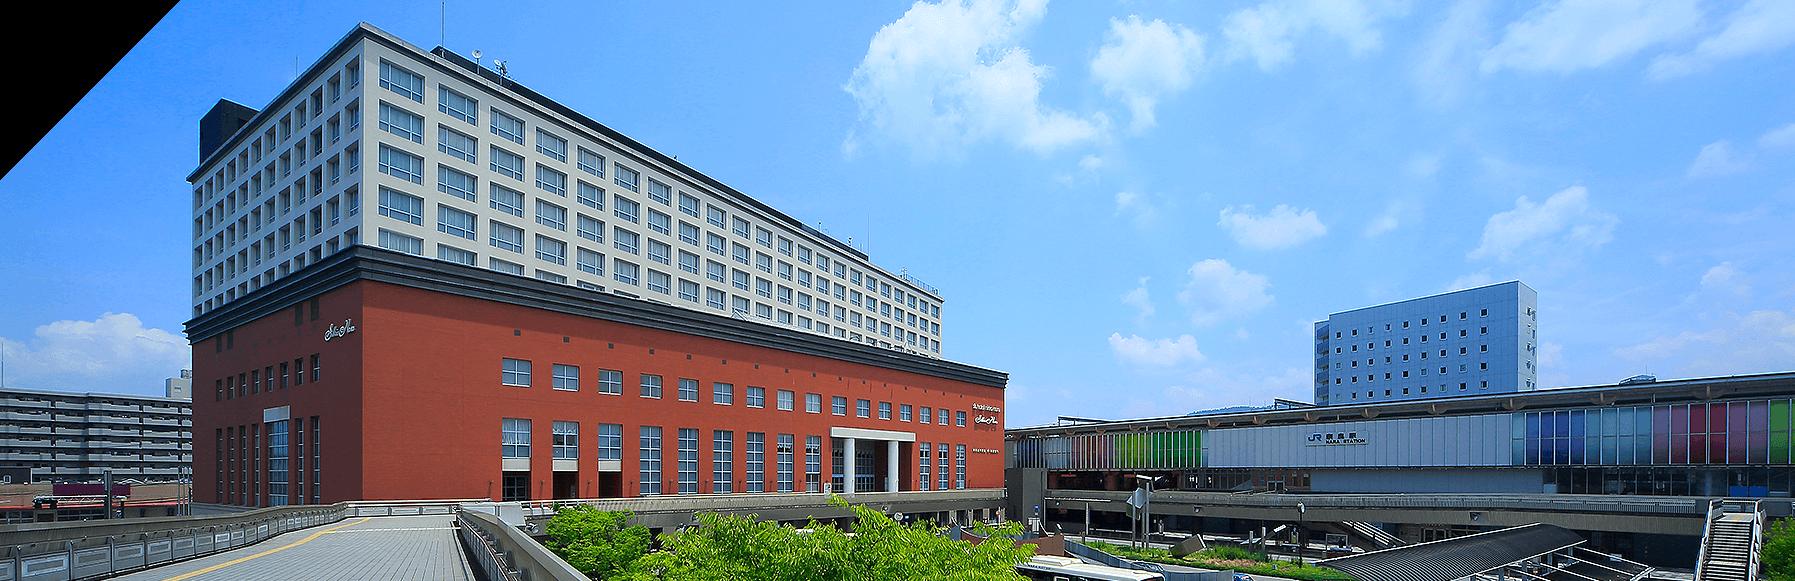 ホテル日航奈良【公式】 JR奈良駅西口直結。世界遺産徒歩圏内。